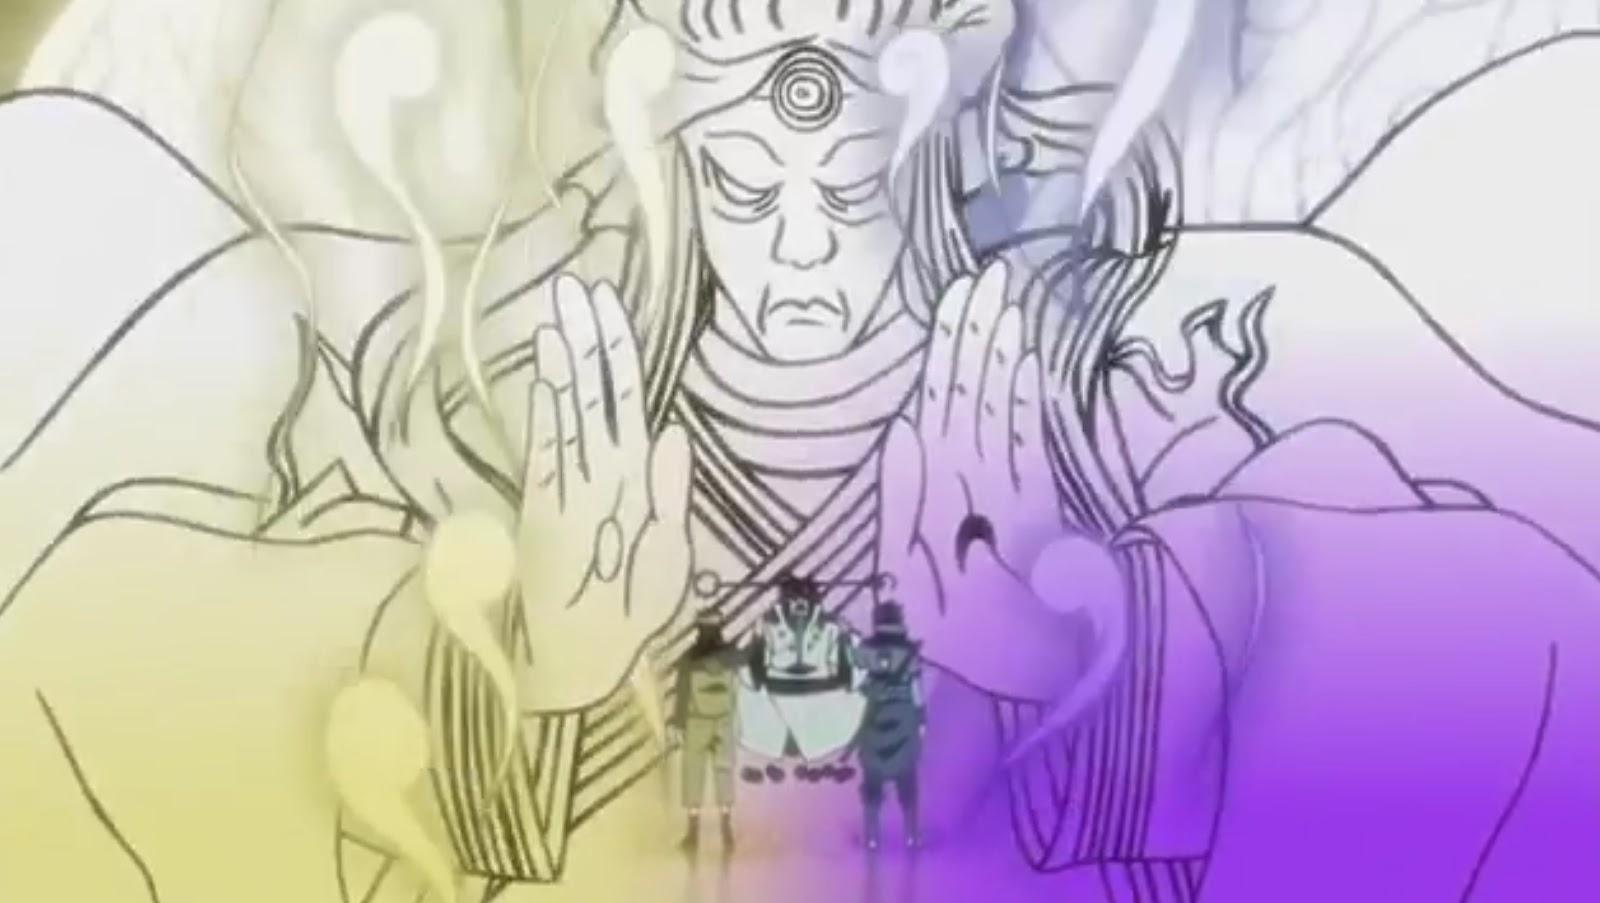 Naruto Shippuden Episódio 421, Assistir Naruto Shippuden Episódio 421, Assistir Naruto Shippuden Todos os Episódios Legendado, Naruto Shippuden episódio 421,HD